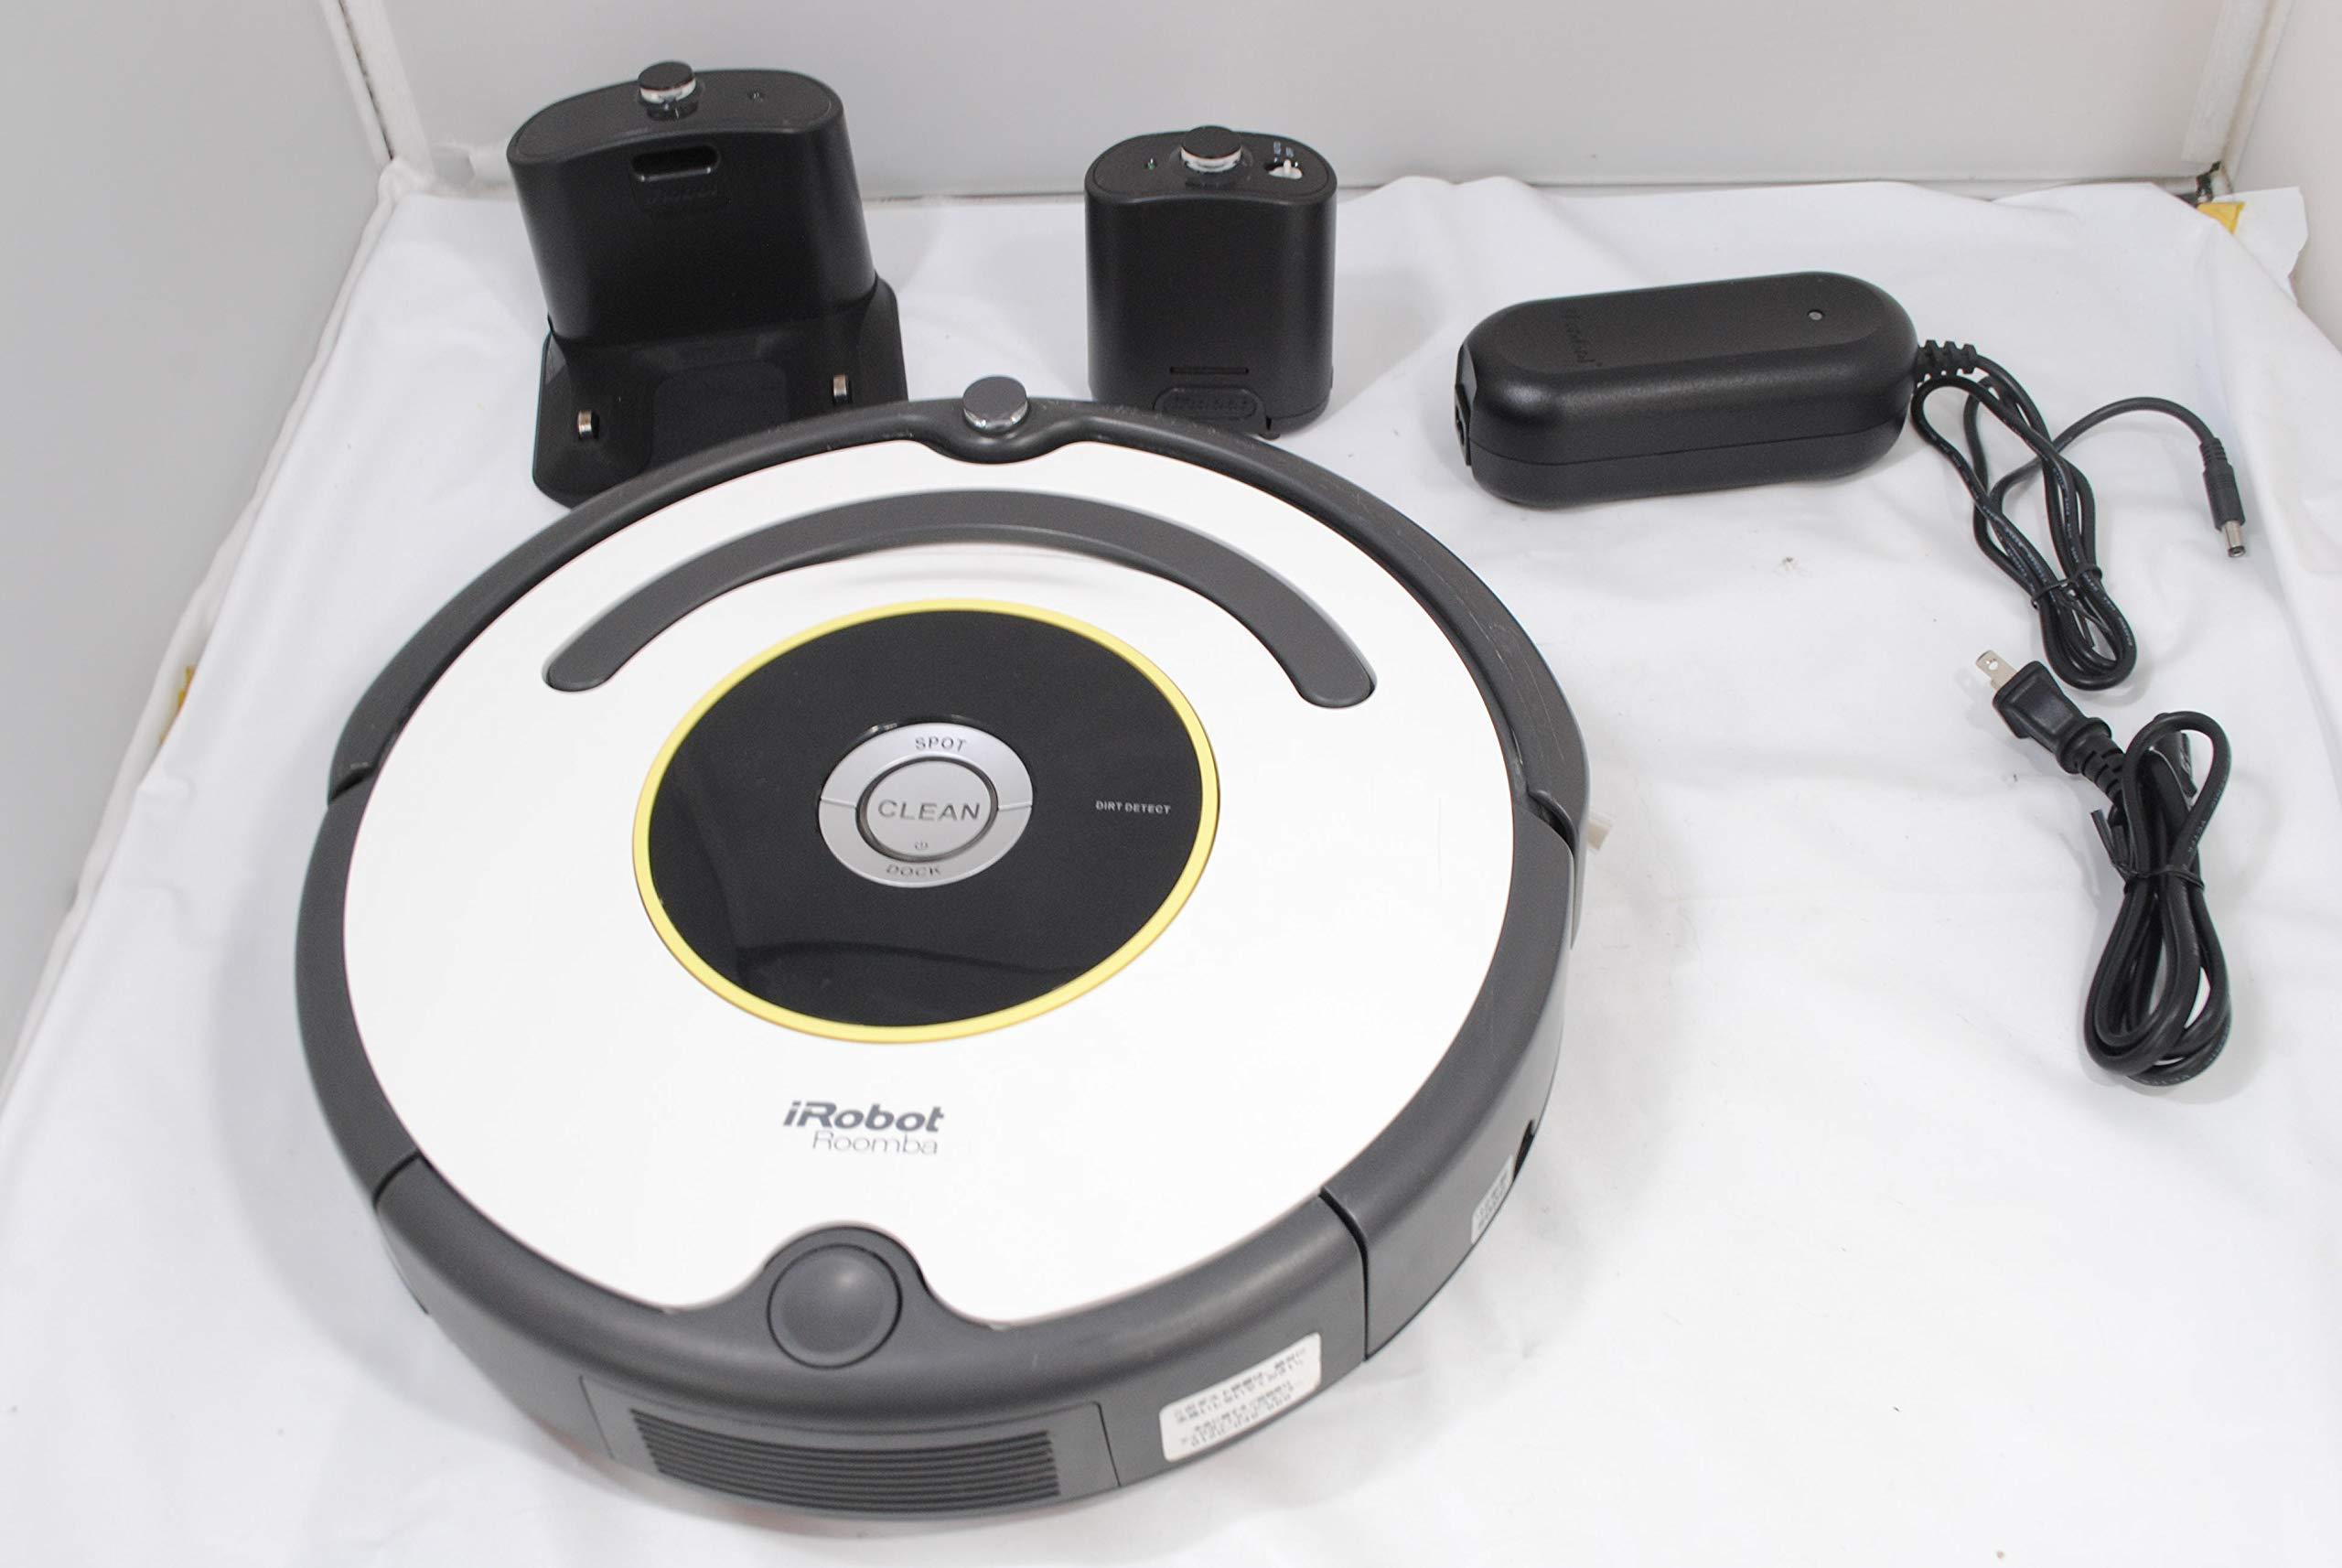 iRobot Robot aspiradora Roomba 620: Amazon.es: Bricolaje y herramientas